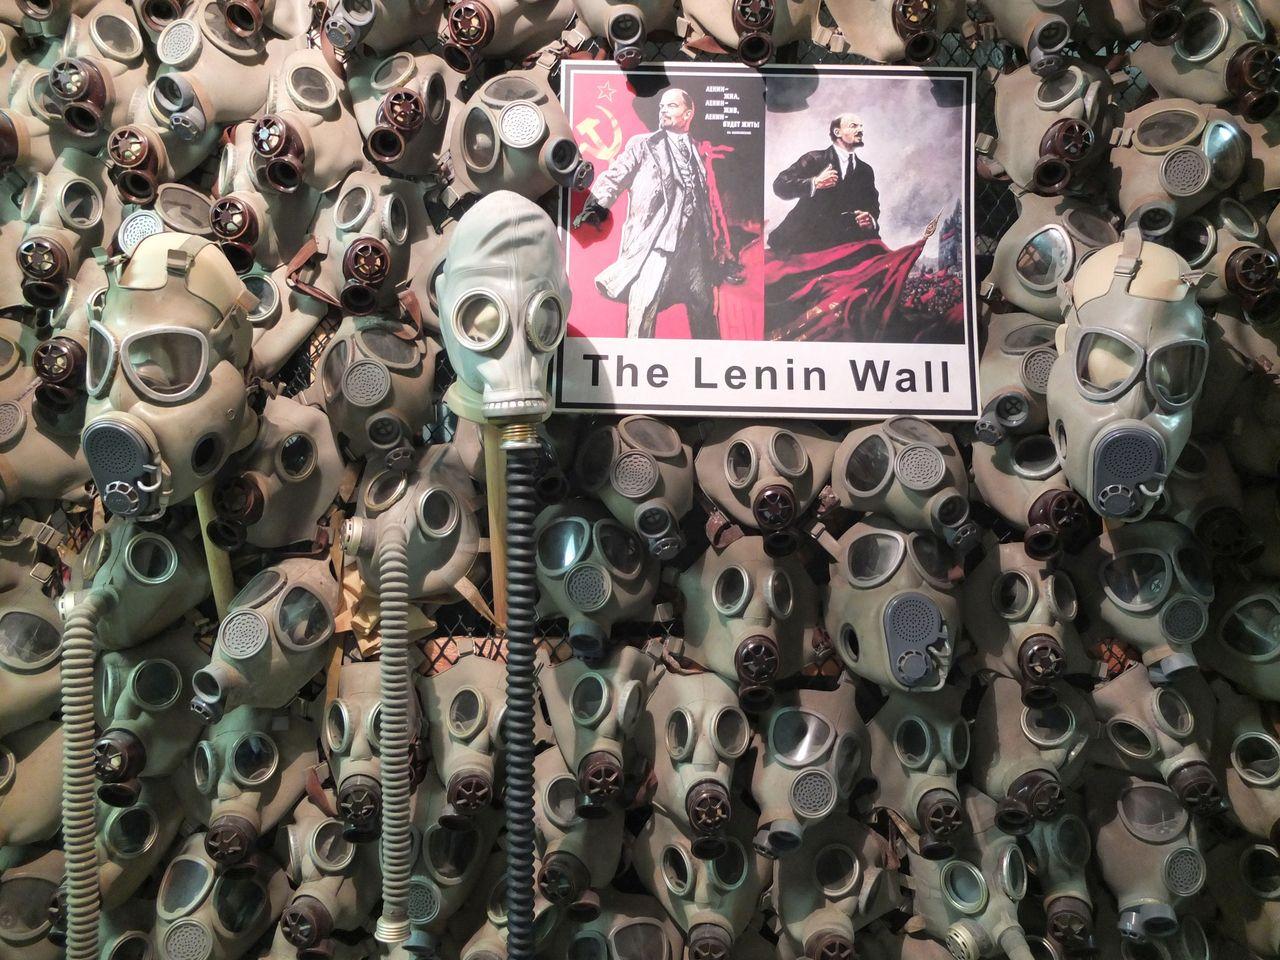 Wandgestaltung aus Gasmasken im Prager Bezovka-Bunker (Foto: Sabine Stach)